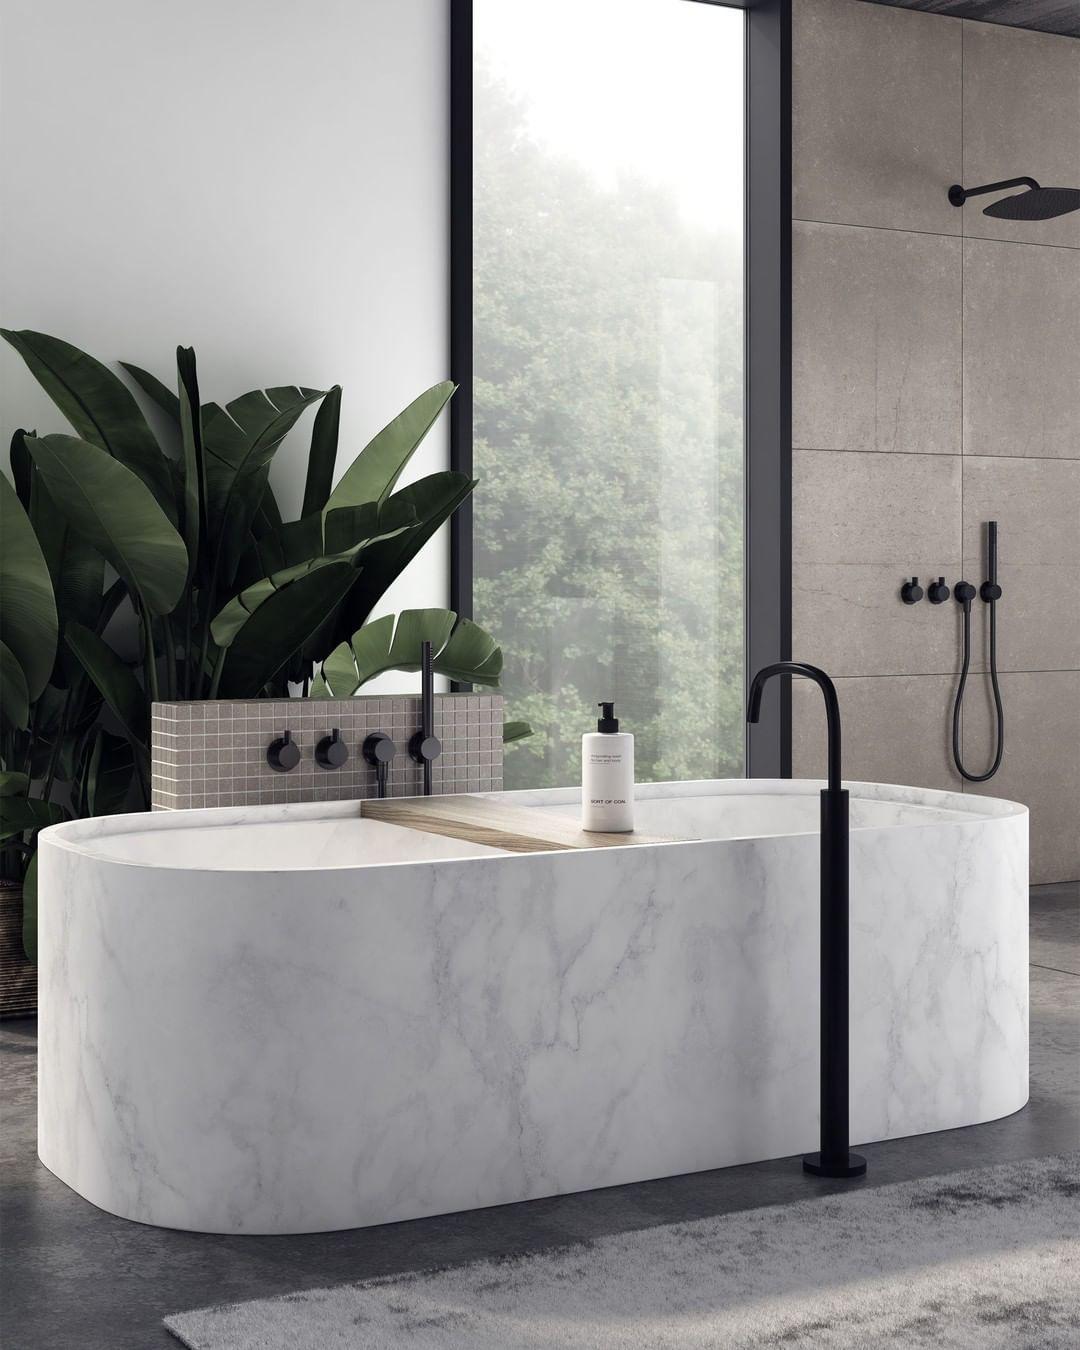 """Photo of COCOON-Bad-Designmarke auf Instagram: """"Ein weiterer Eindruck der von Studio Piet Boon für die Designermarke COCOON entworfenen Badewanne aus massivem Marmor ? Diese freistehende Badewanne wird…"""""""